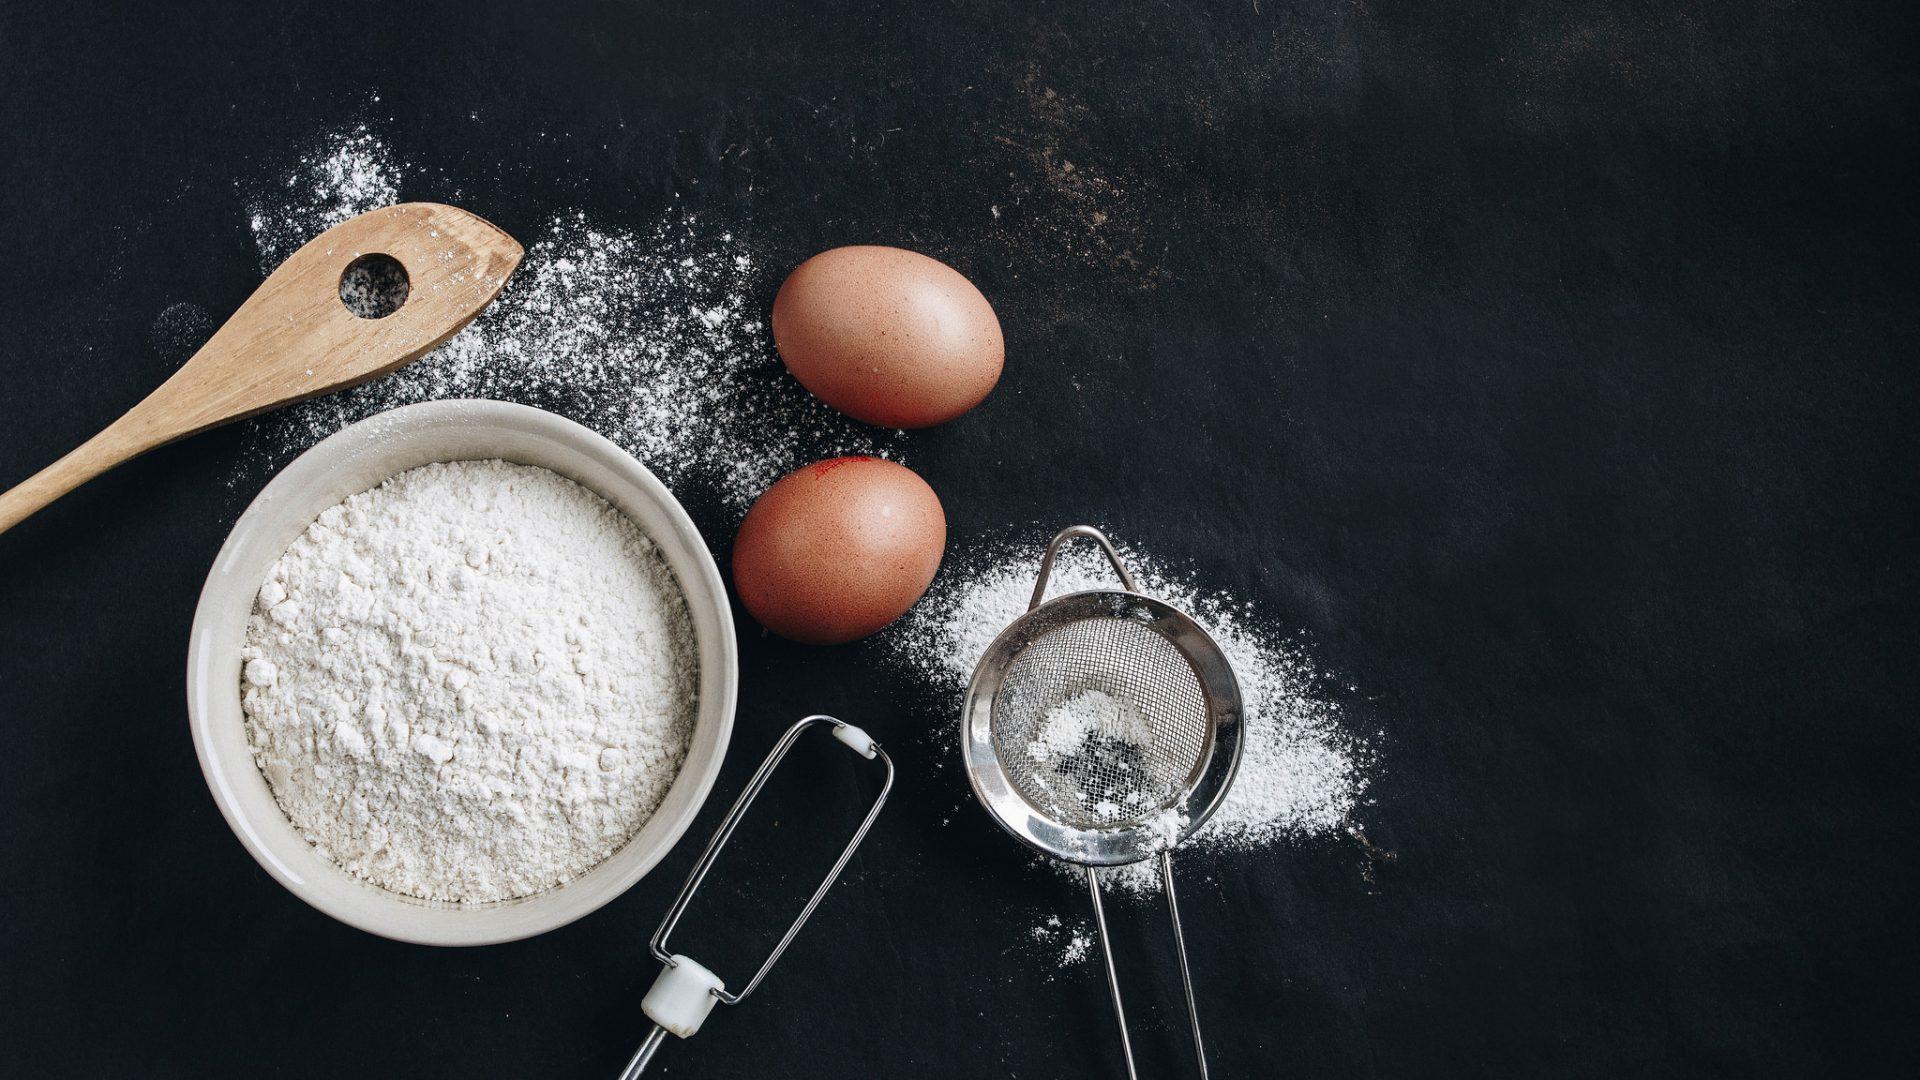 Image of baking ingredients